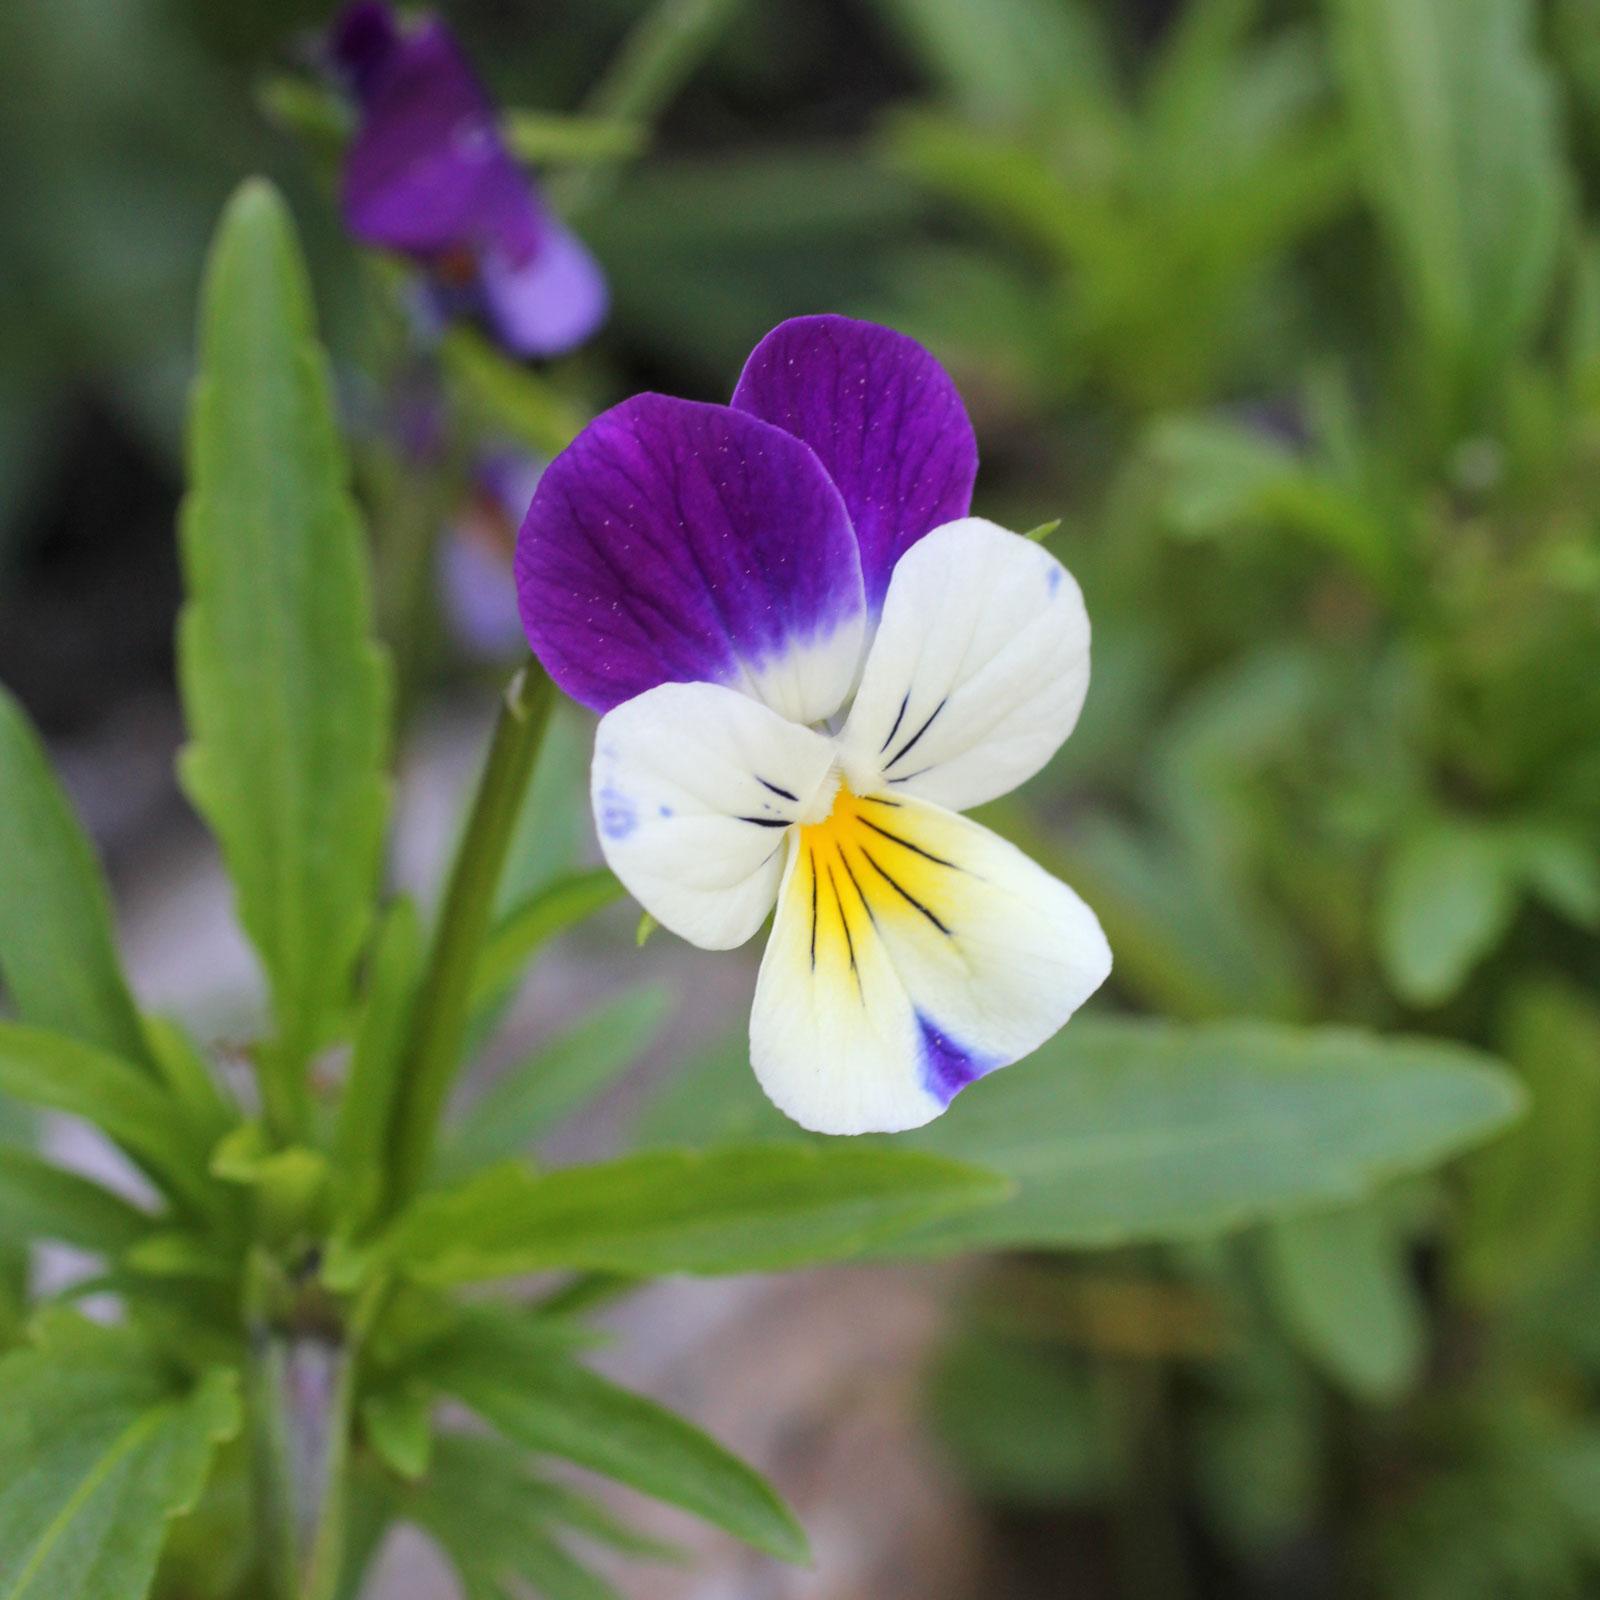 viola-tricolor enceinte